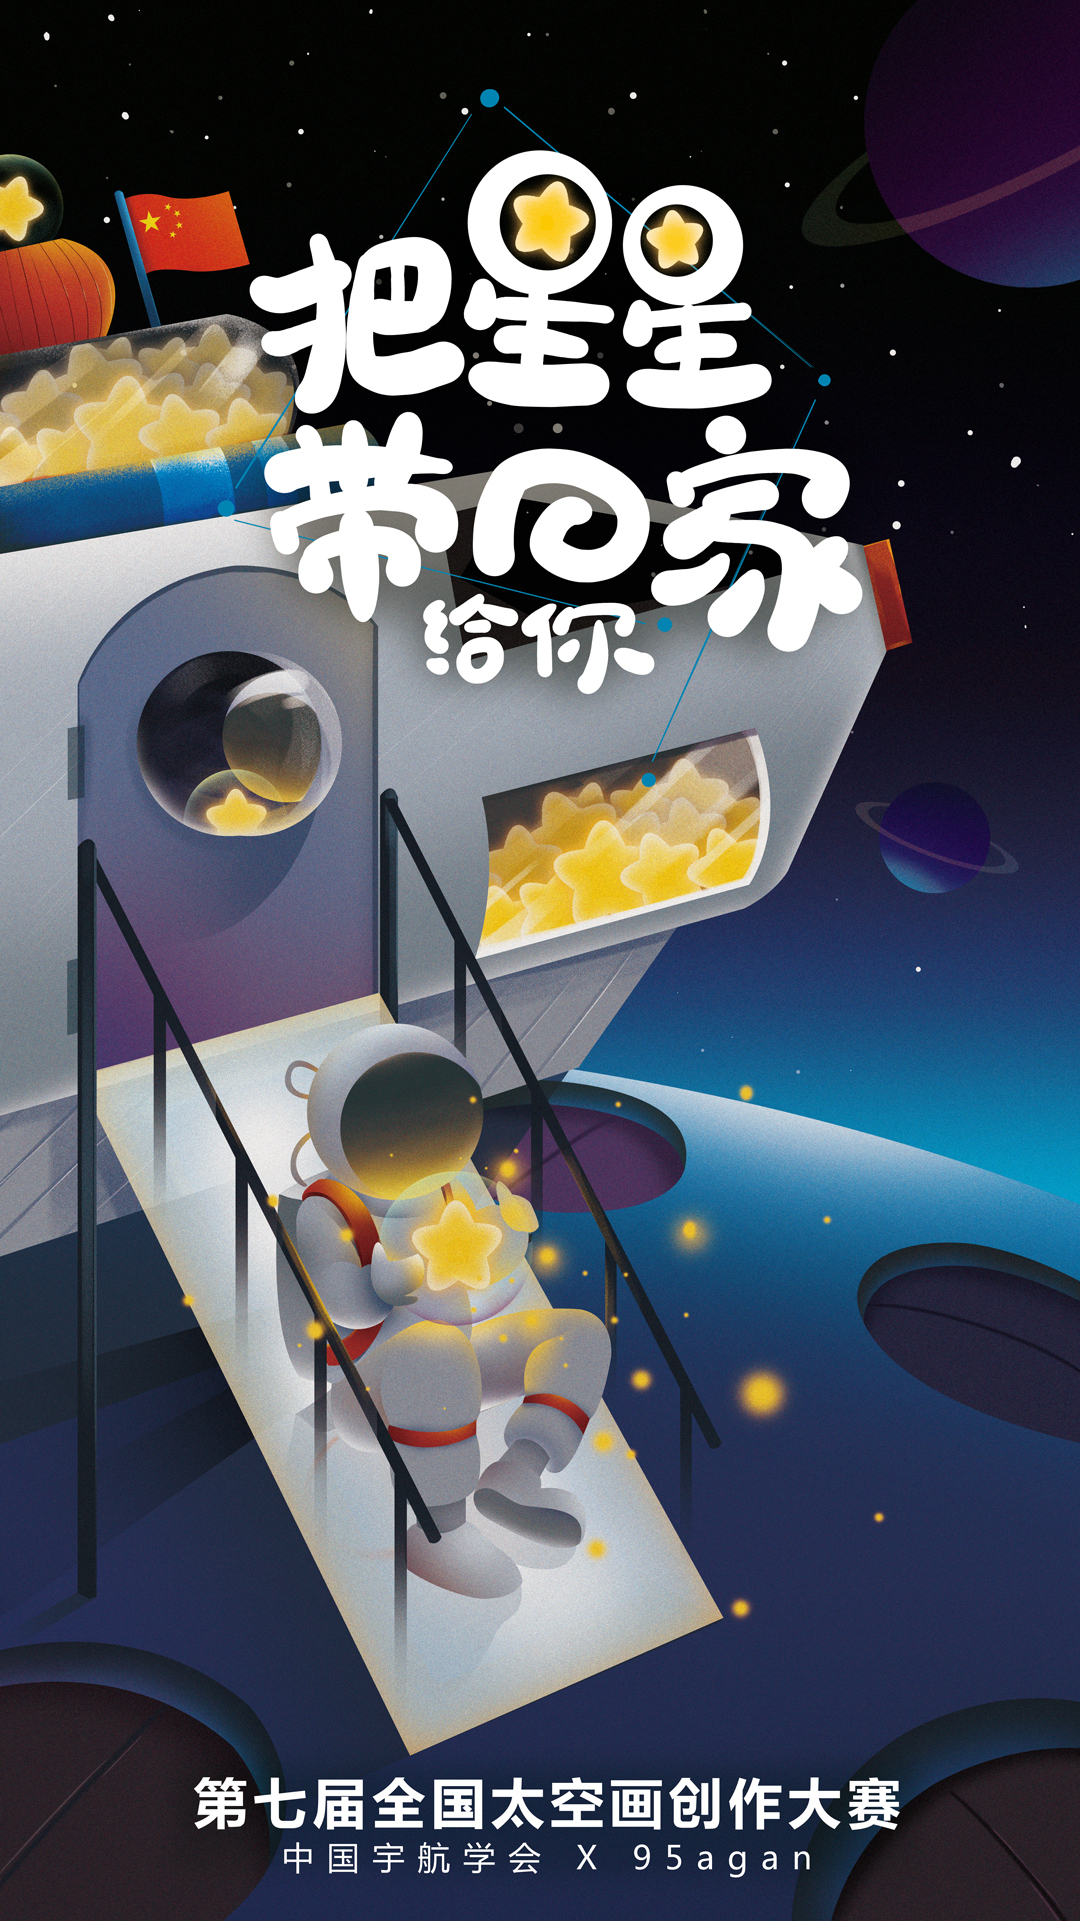 中国梦我的宇航员画_太空画-插画作品-商业插画-95agan-汇漫网(huiman)